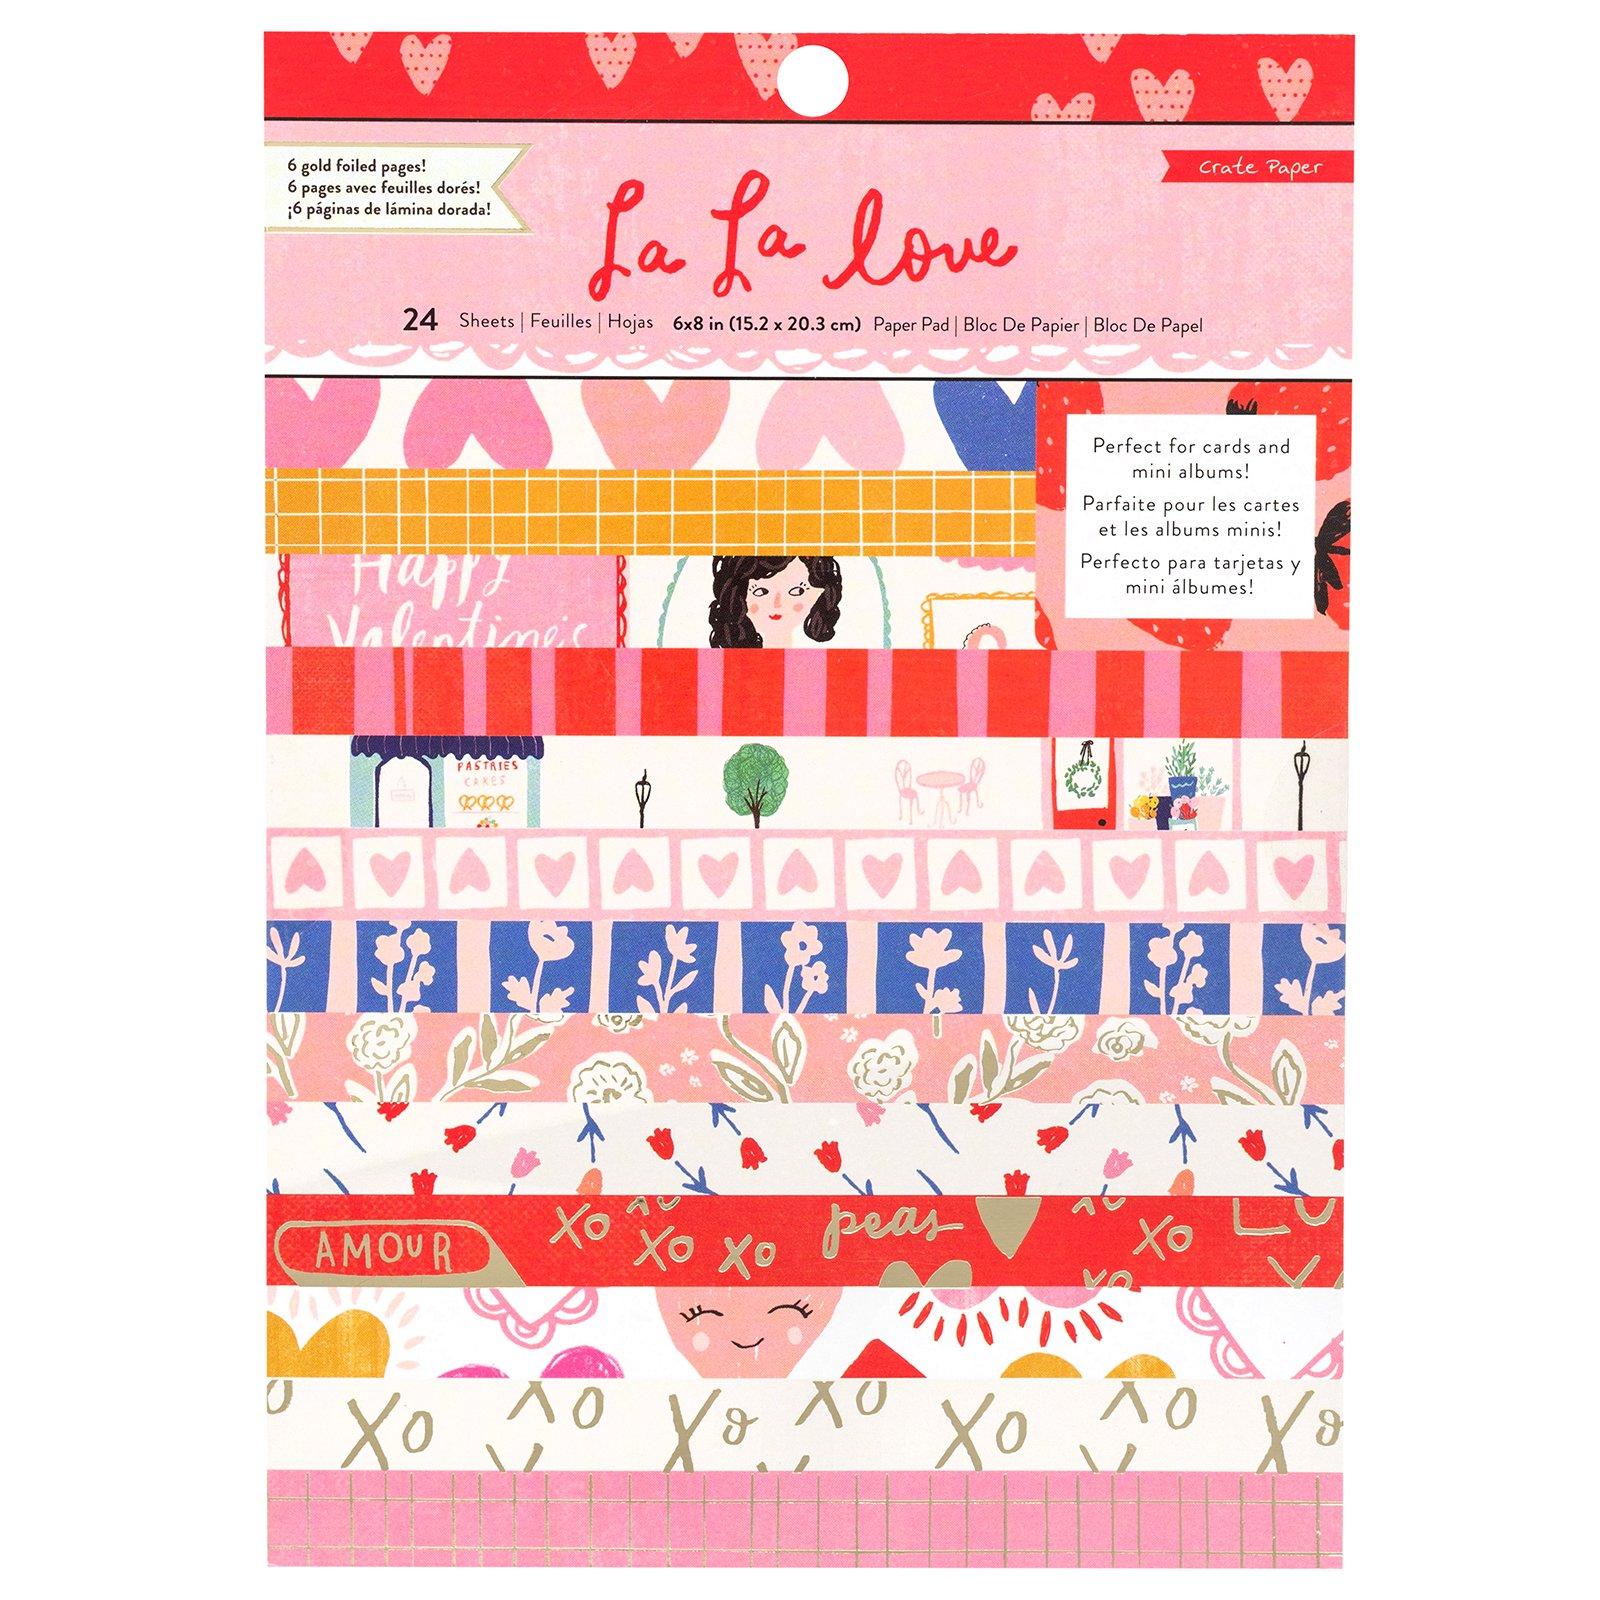 LaLa Love 6x8